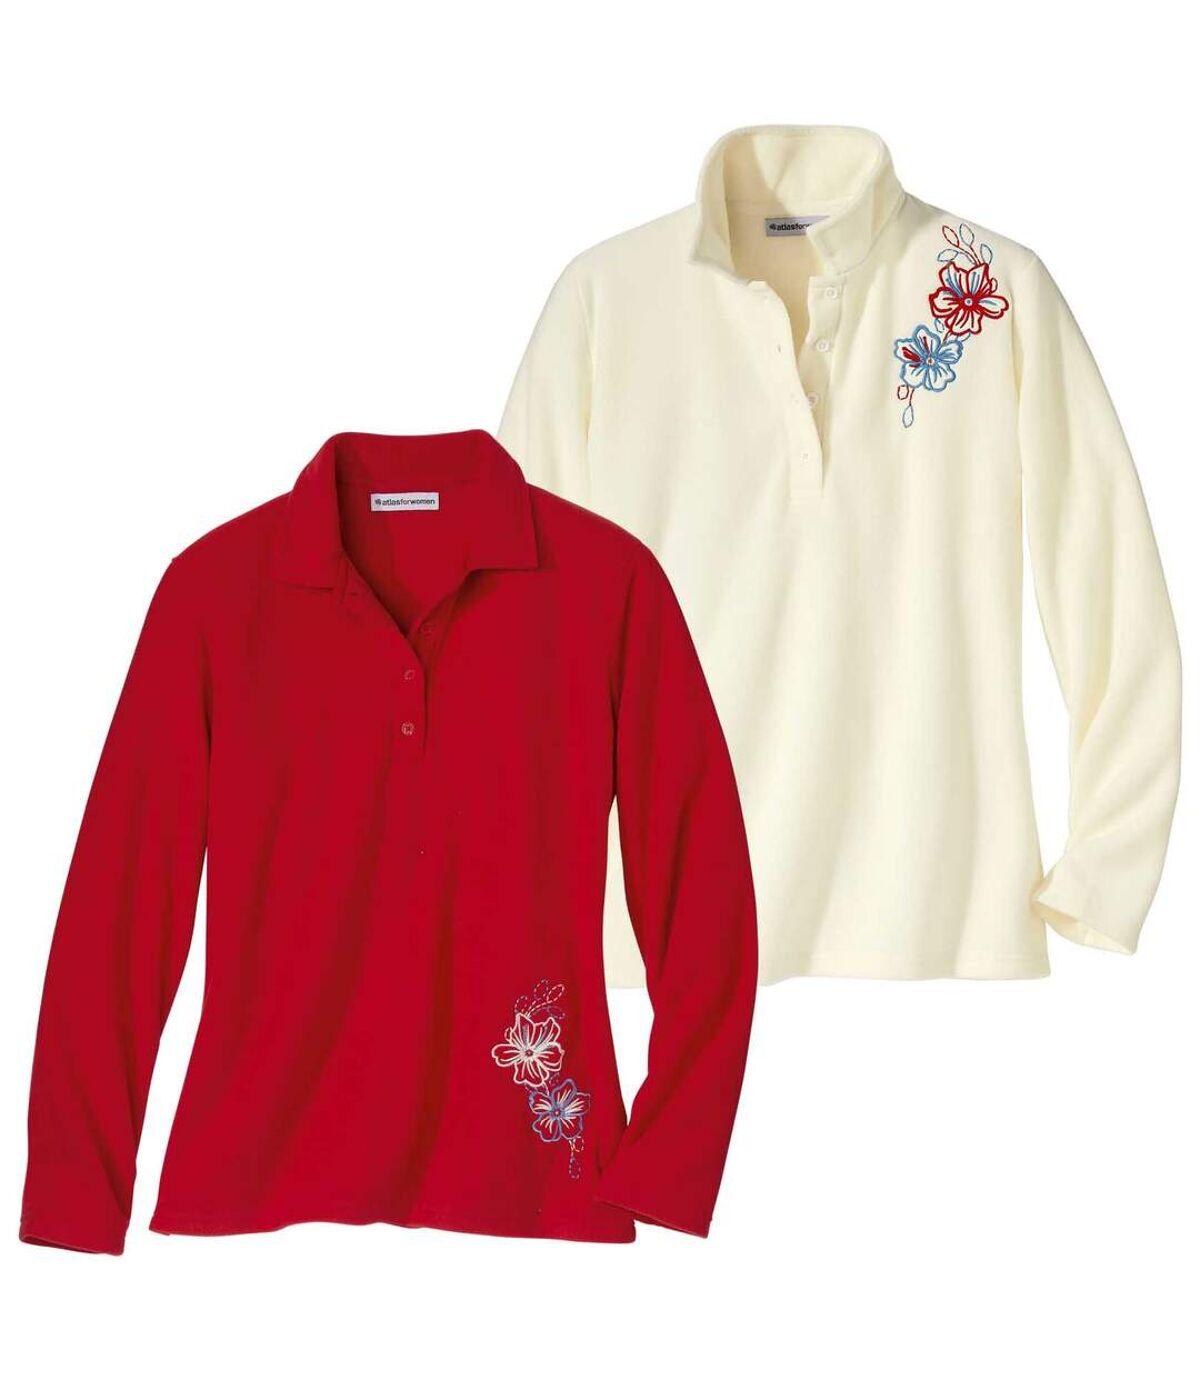 Pack of 2 Women's Microfleece Sweaters - Ecru Red Atlas For Men